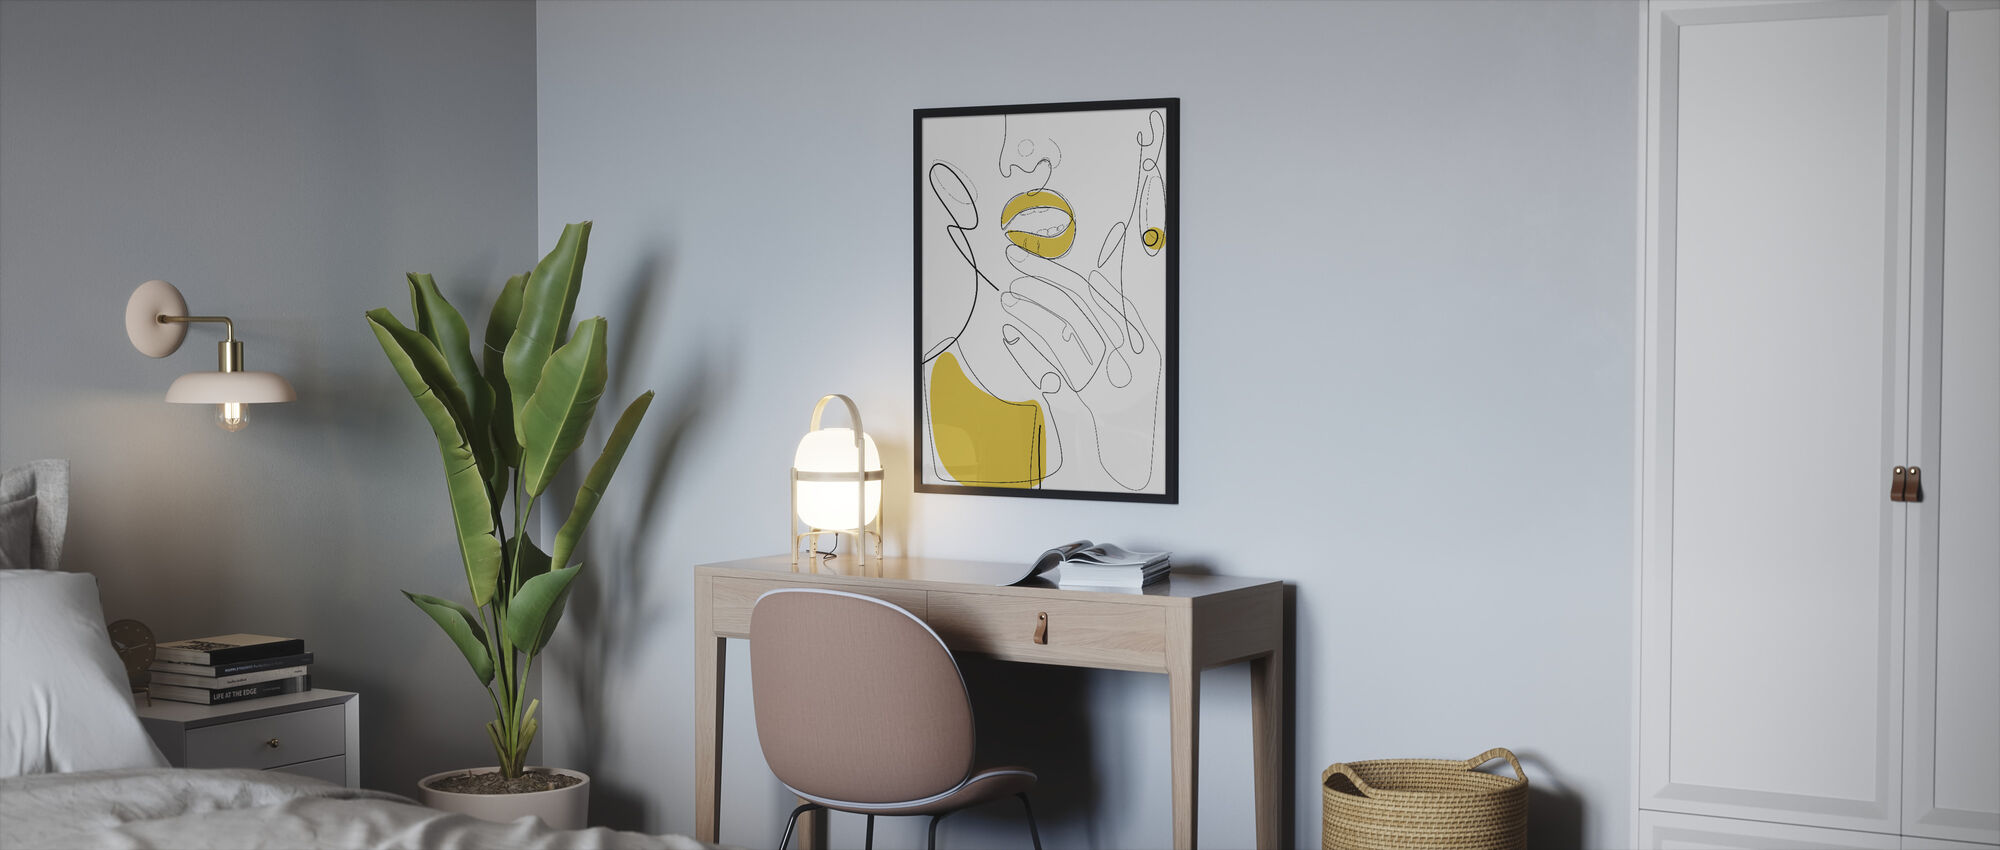 Lihavoitu sinappi huuli - Kehystetty kuva - Makuuhuone